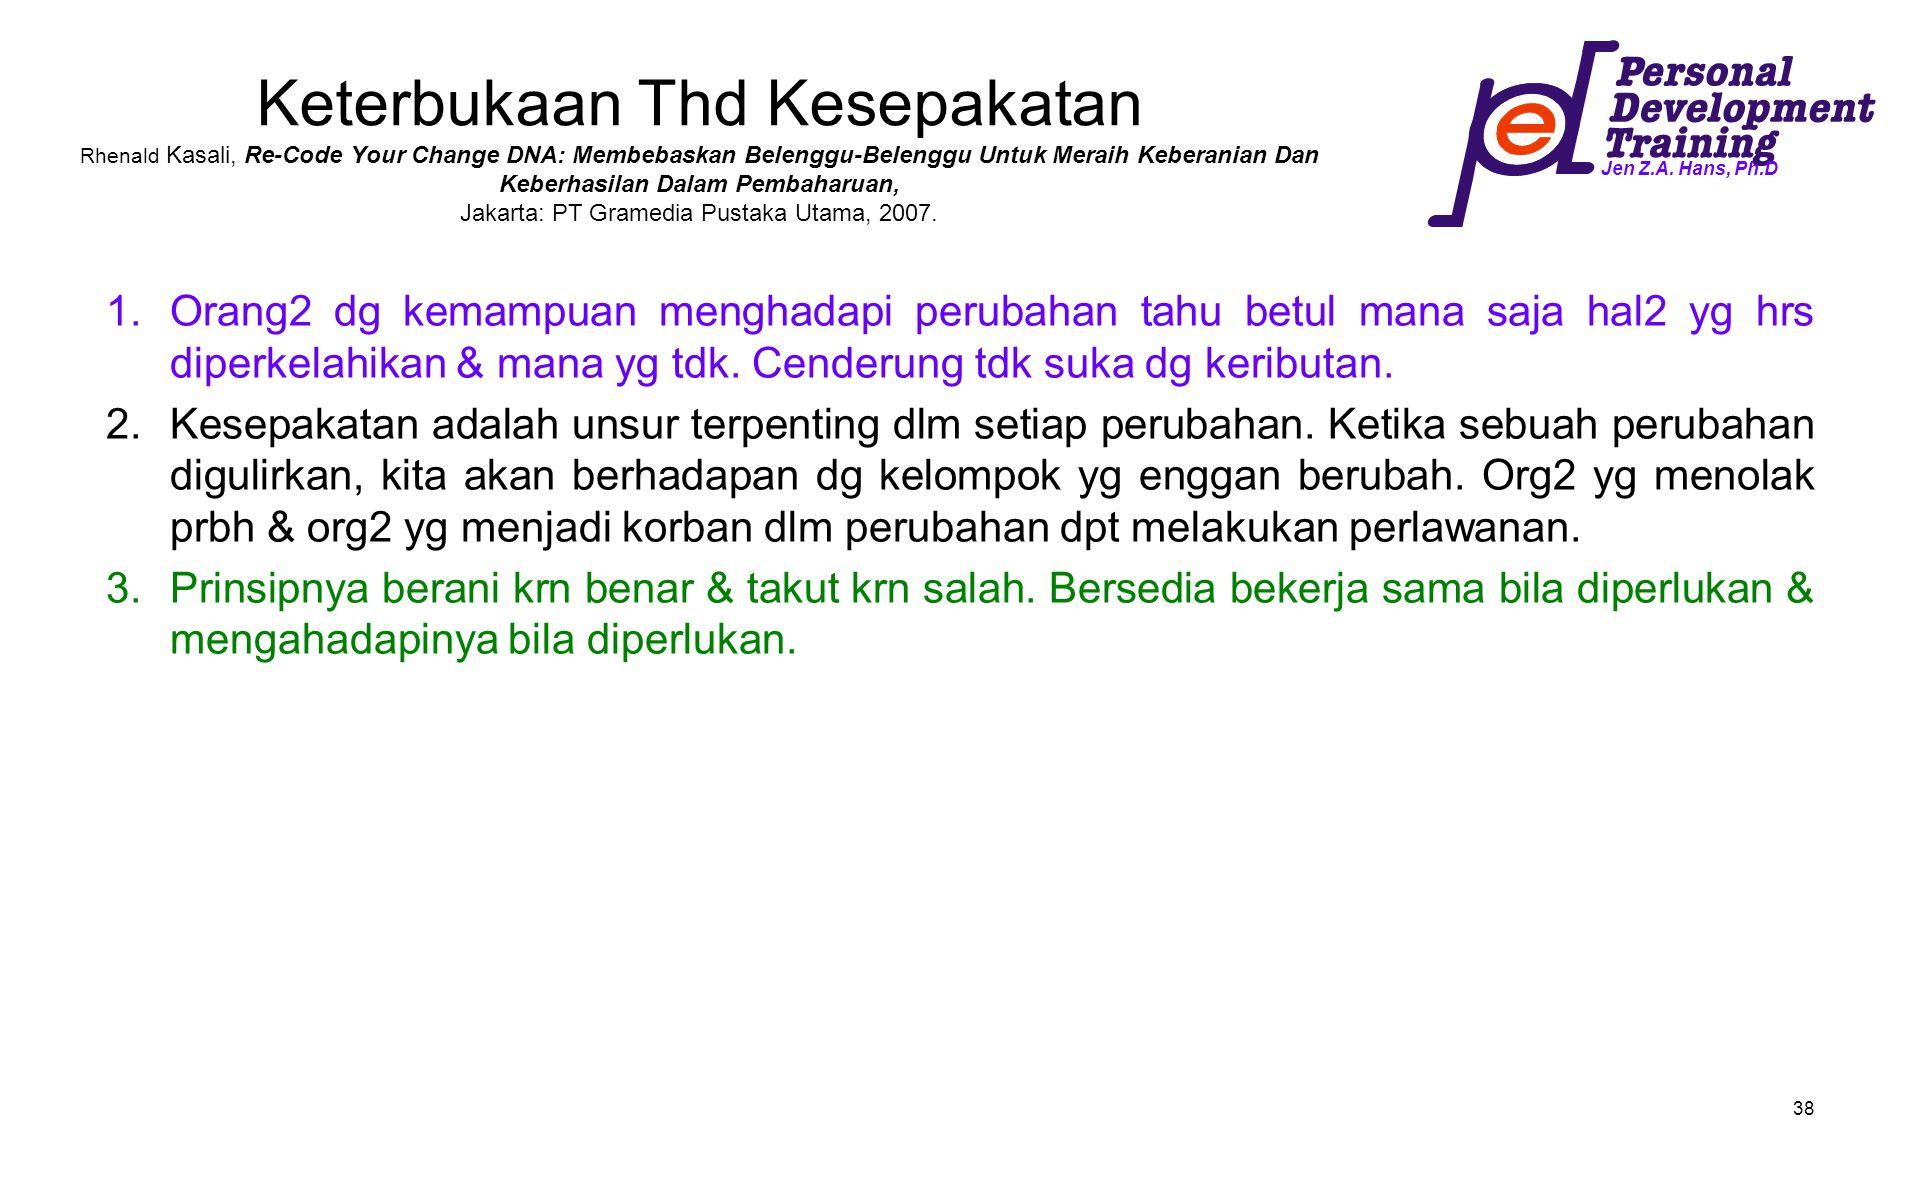 Keterbukaan Thd Kesepakatan Rhenald Kasali, Re-Code Your Change DNA: Membebaskan Belenggu-Belenggu Untuk Meraih Keberanian Dan Keberhasilan Dalam Pembaharuan, Jakarta: PT Gramedia Pustaka Utama, 2007.